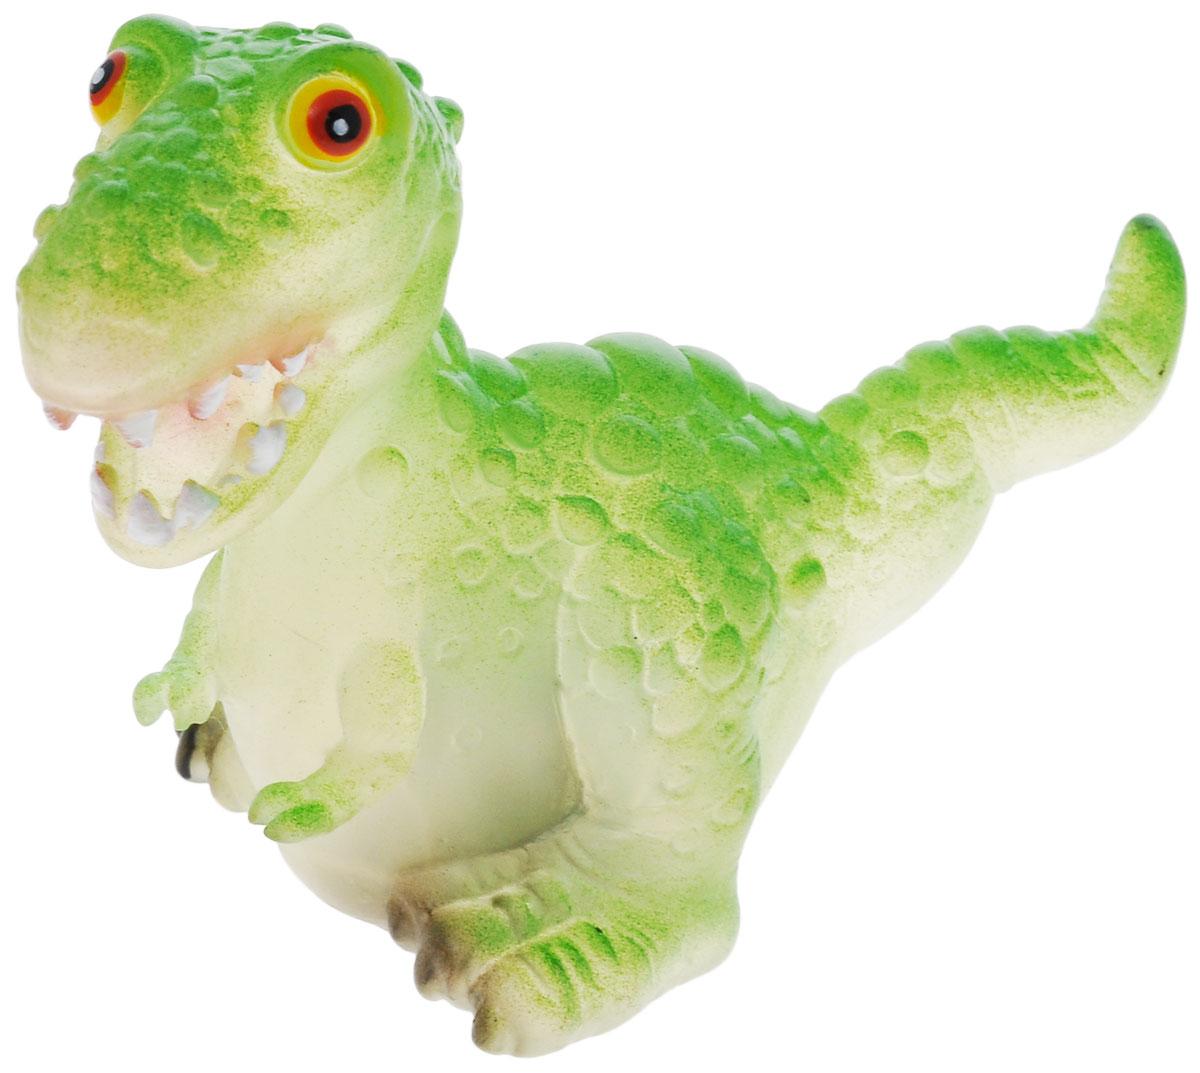 Wing Crown Игрушка Динозавр с подсветкой, цвет: зеленый, 10 см2612C_зеленыйИгрушка Динозавр привлечет внимание Вашего малыша и не позволит ему скучать. Ваш малыш сможет играть с фигуркой и придумывать разные истории, а благодаря компактным размерам он сможет брать динозавра с собой на прогулку или в гости. Игрушка оснащена подсветкой. При замыкании контактов, расположенных в нижней части игрушки, фигурка начинает мигать разноцветными огоньками. Порадуйте его таким замечательным подарком!